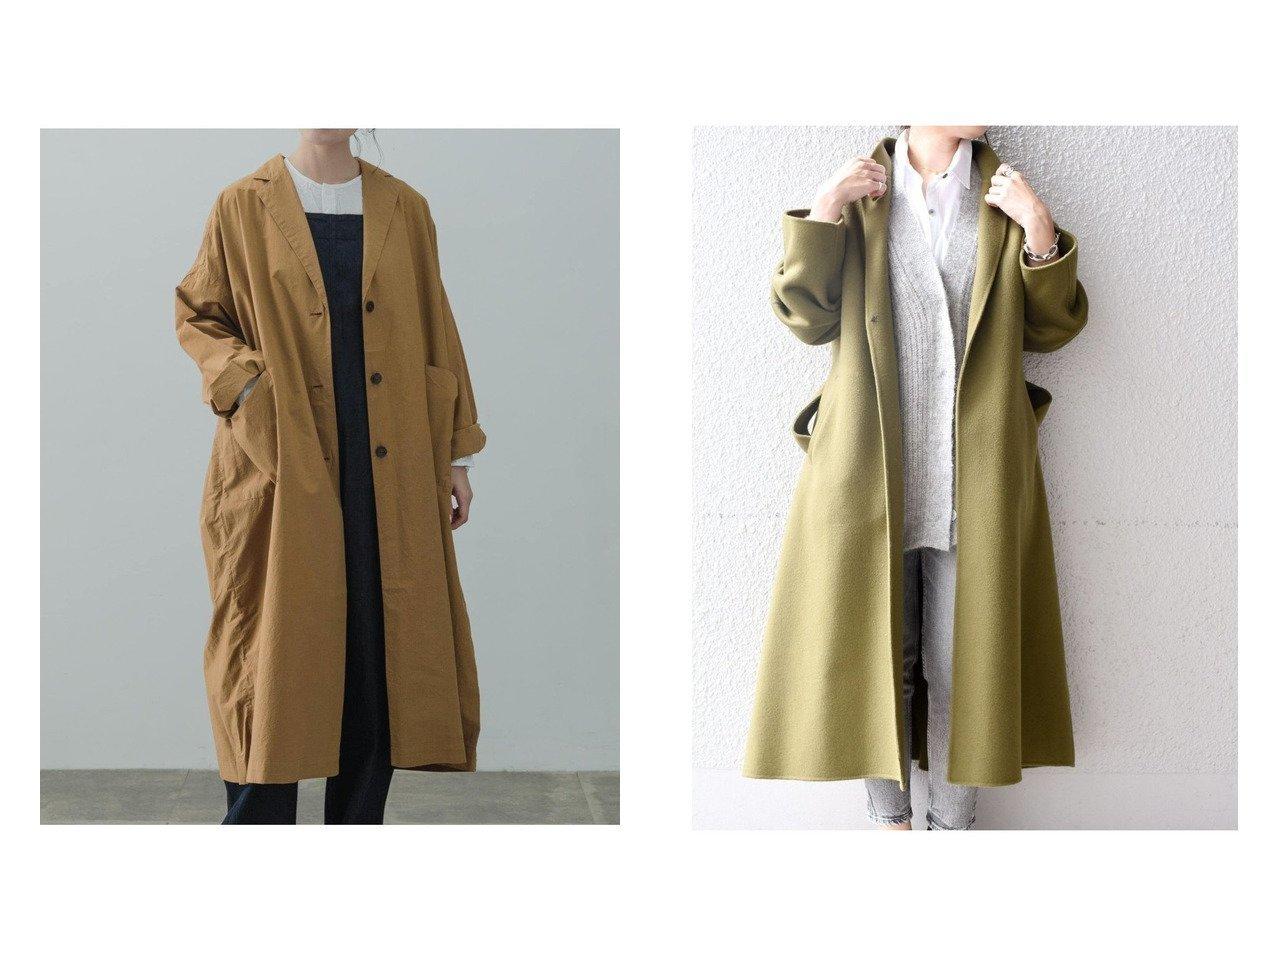 【SHIPS/シップス フォー ウィメン】のMANTECO リバーコート&【kagure/かぐれ】のコットンシルクビッグコート アウターのおすすめ!人気、トレンド・レディースファッションの通販  おすすめで人気の流行・トレンド、ファッションの通販商品 メンズファッション・キッズファッション・インテリア・家具・レディースファッション・服の通販 founy(ファニー) https://founy.com/ ファッション Fashion レディースファッション WOMEN アウター Coat Outerwear コート Coats ジャケット Jackets インナー シルク シンプル ジャケット ビッグ ロング  ID:crp329100000010017